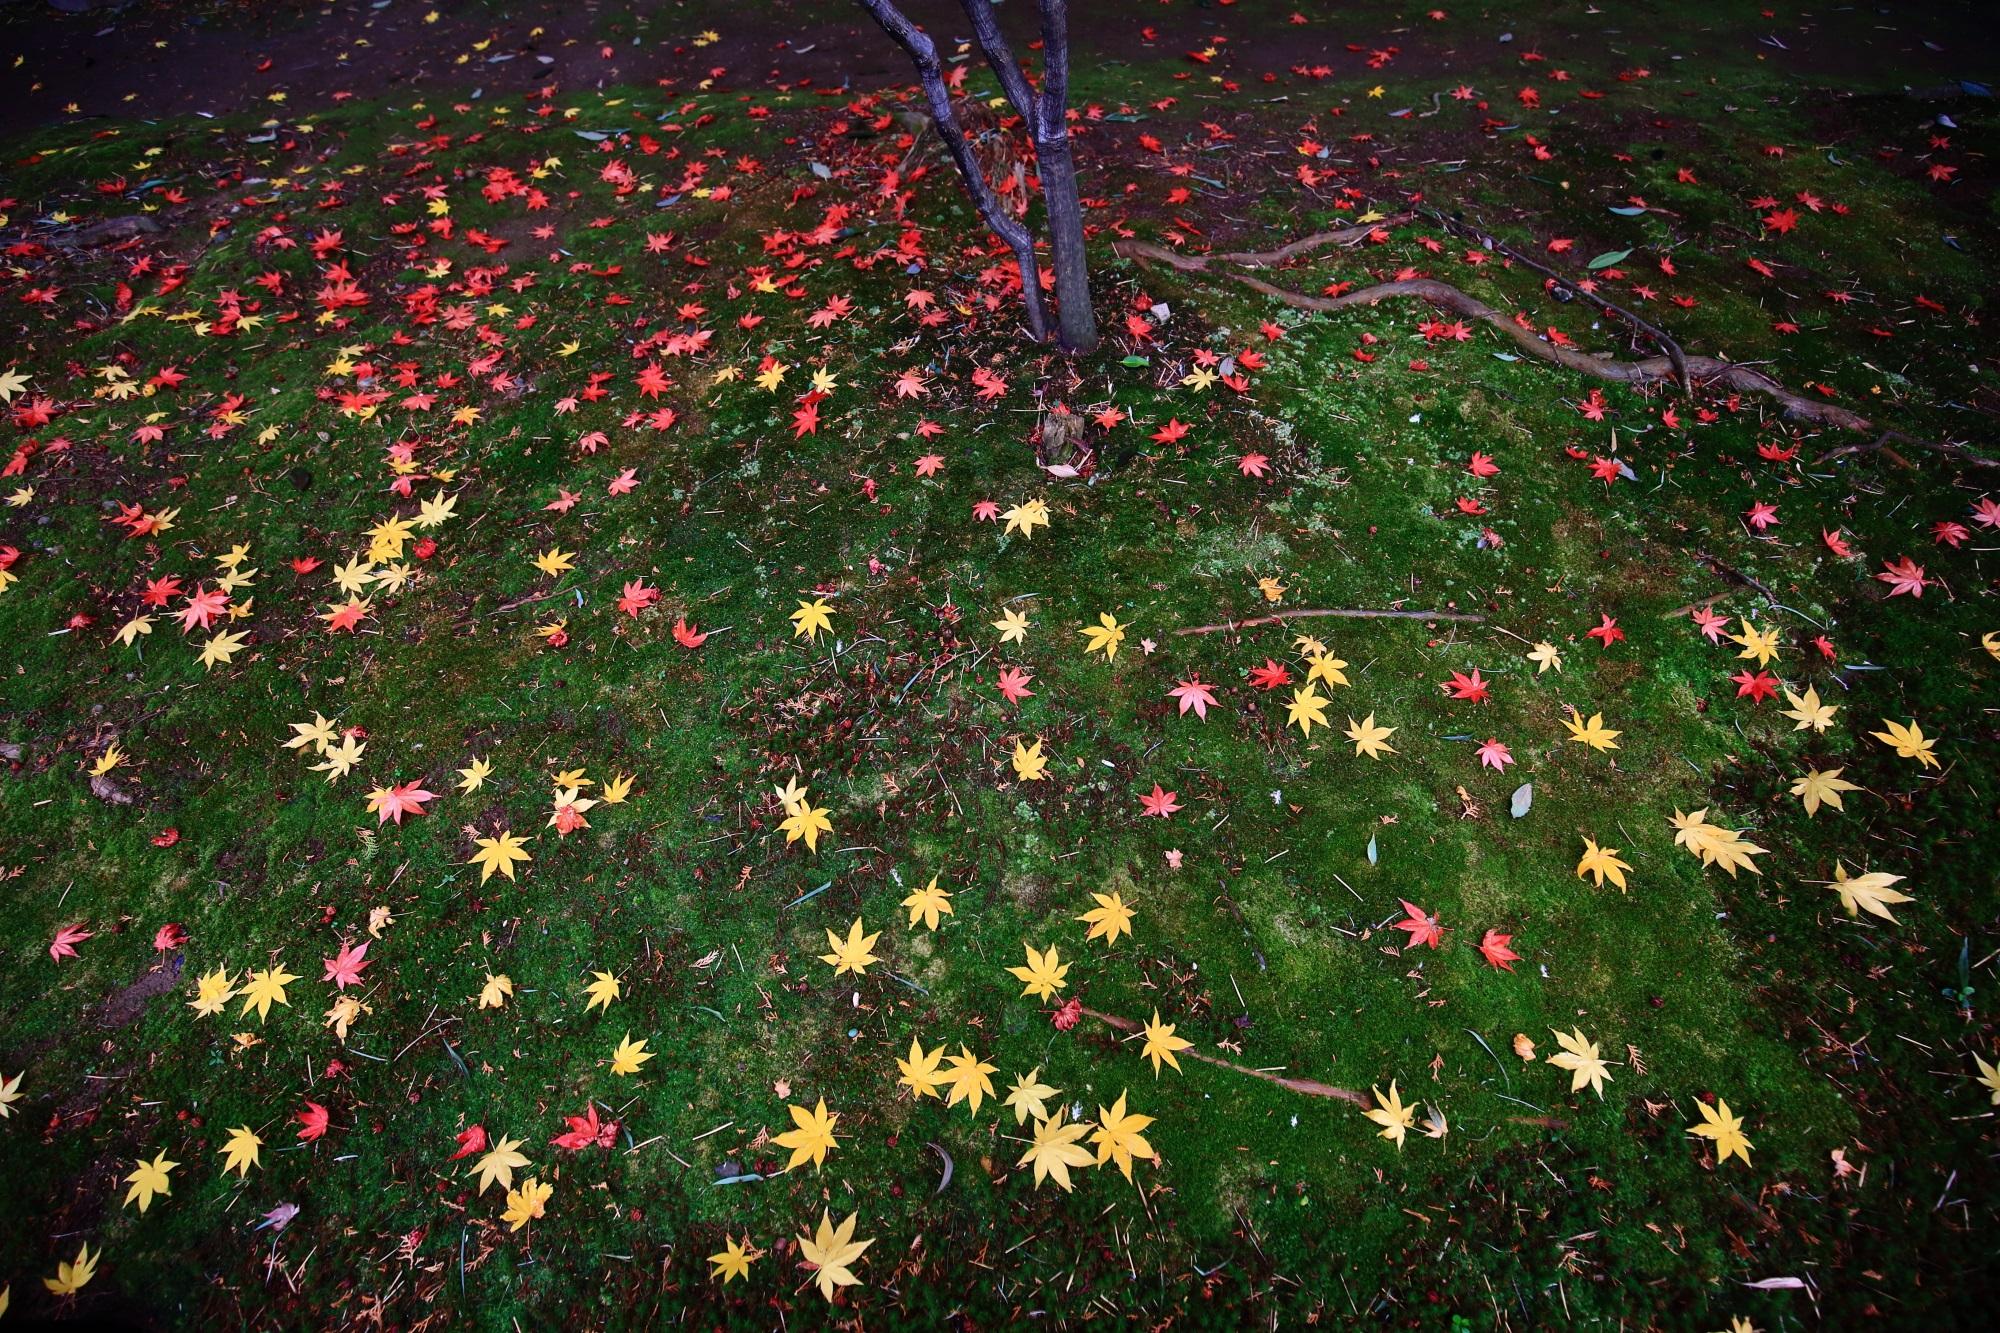 鹿王院の参道の苔の華やかな散りもみじ